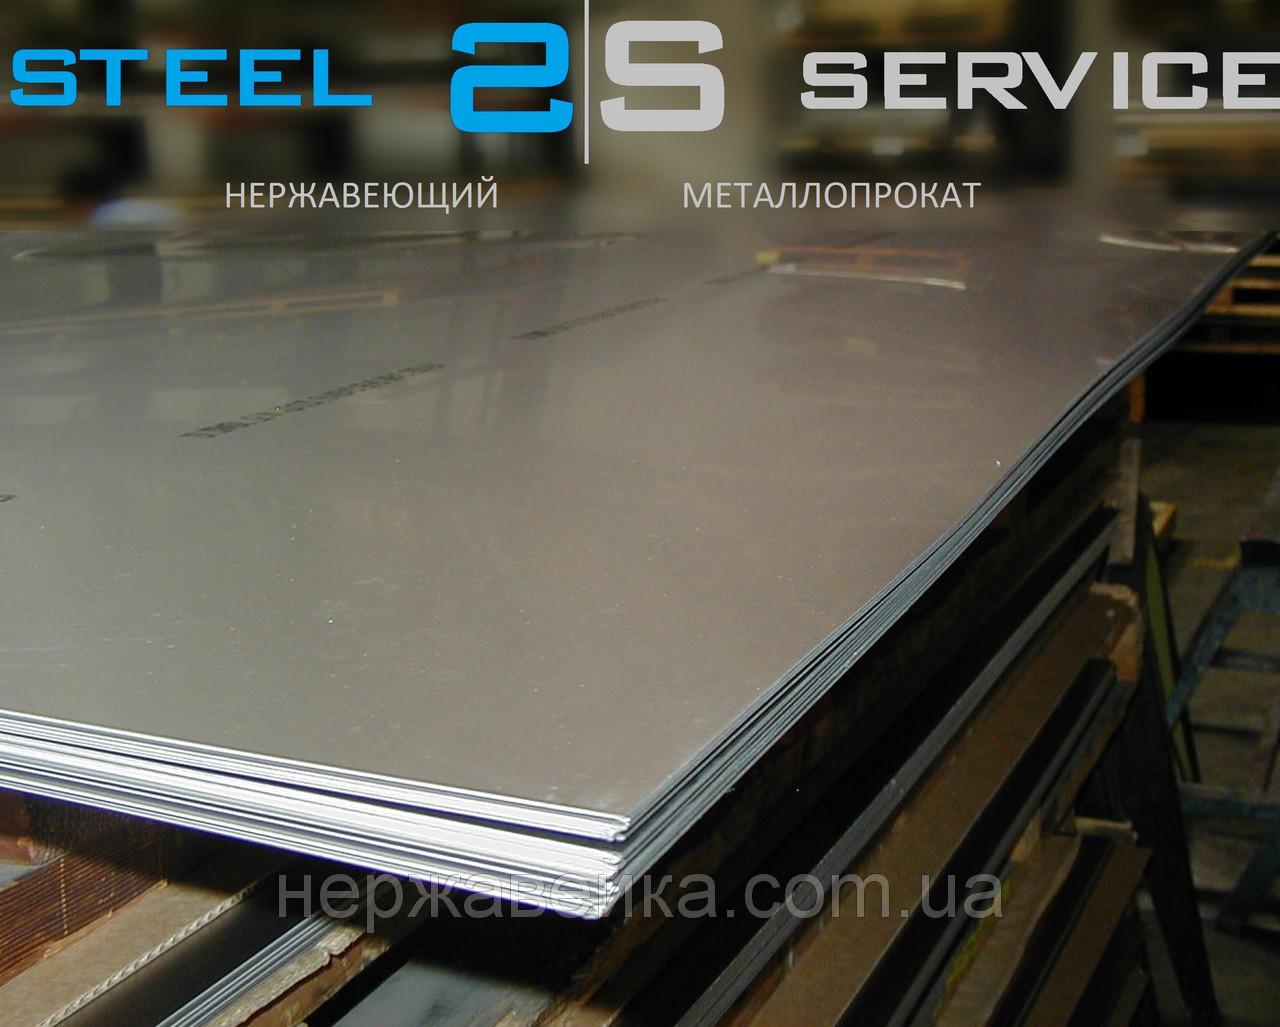 Нержавеющий лист 1,5х1250х2500мм AISI 430(12Х17) BA - зеркало, технический